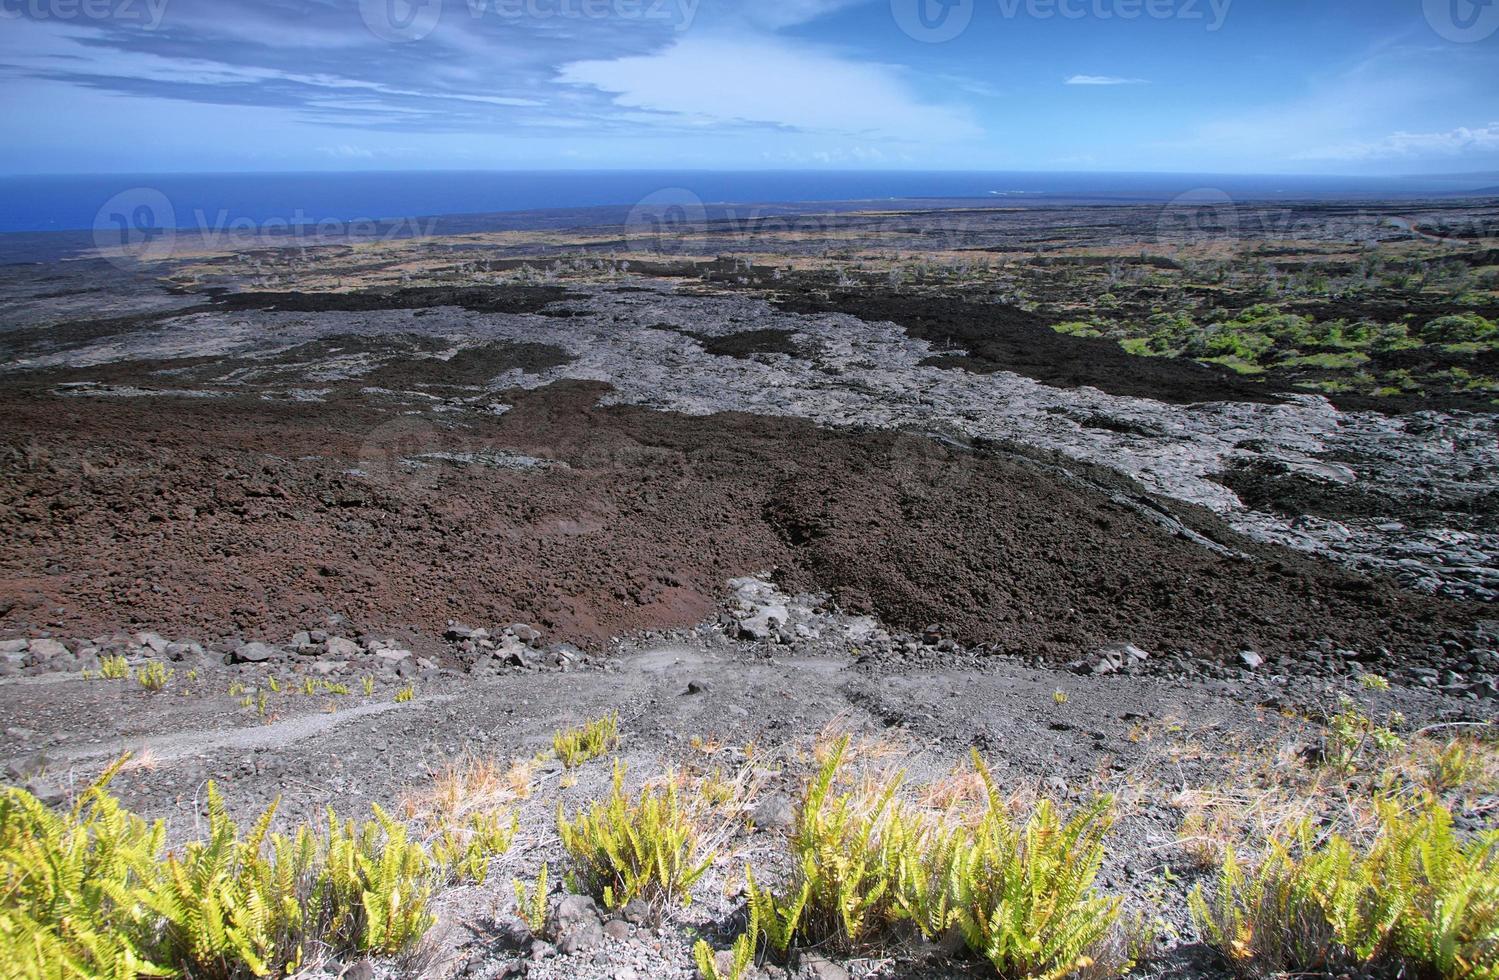 verlaten landschap in ketting van kraters weg foto